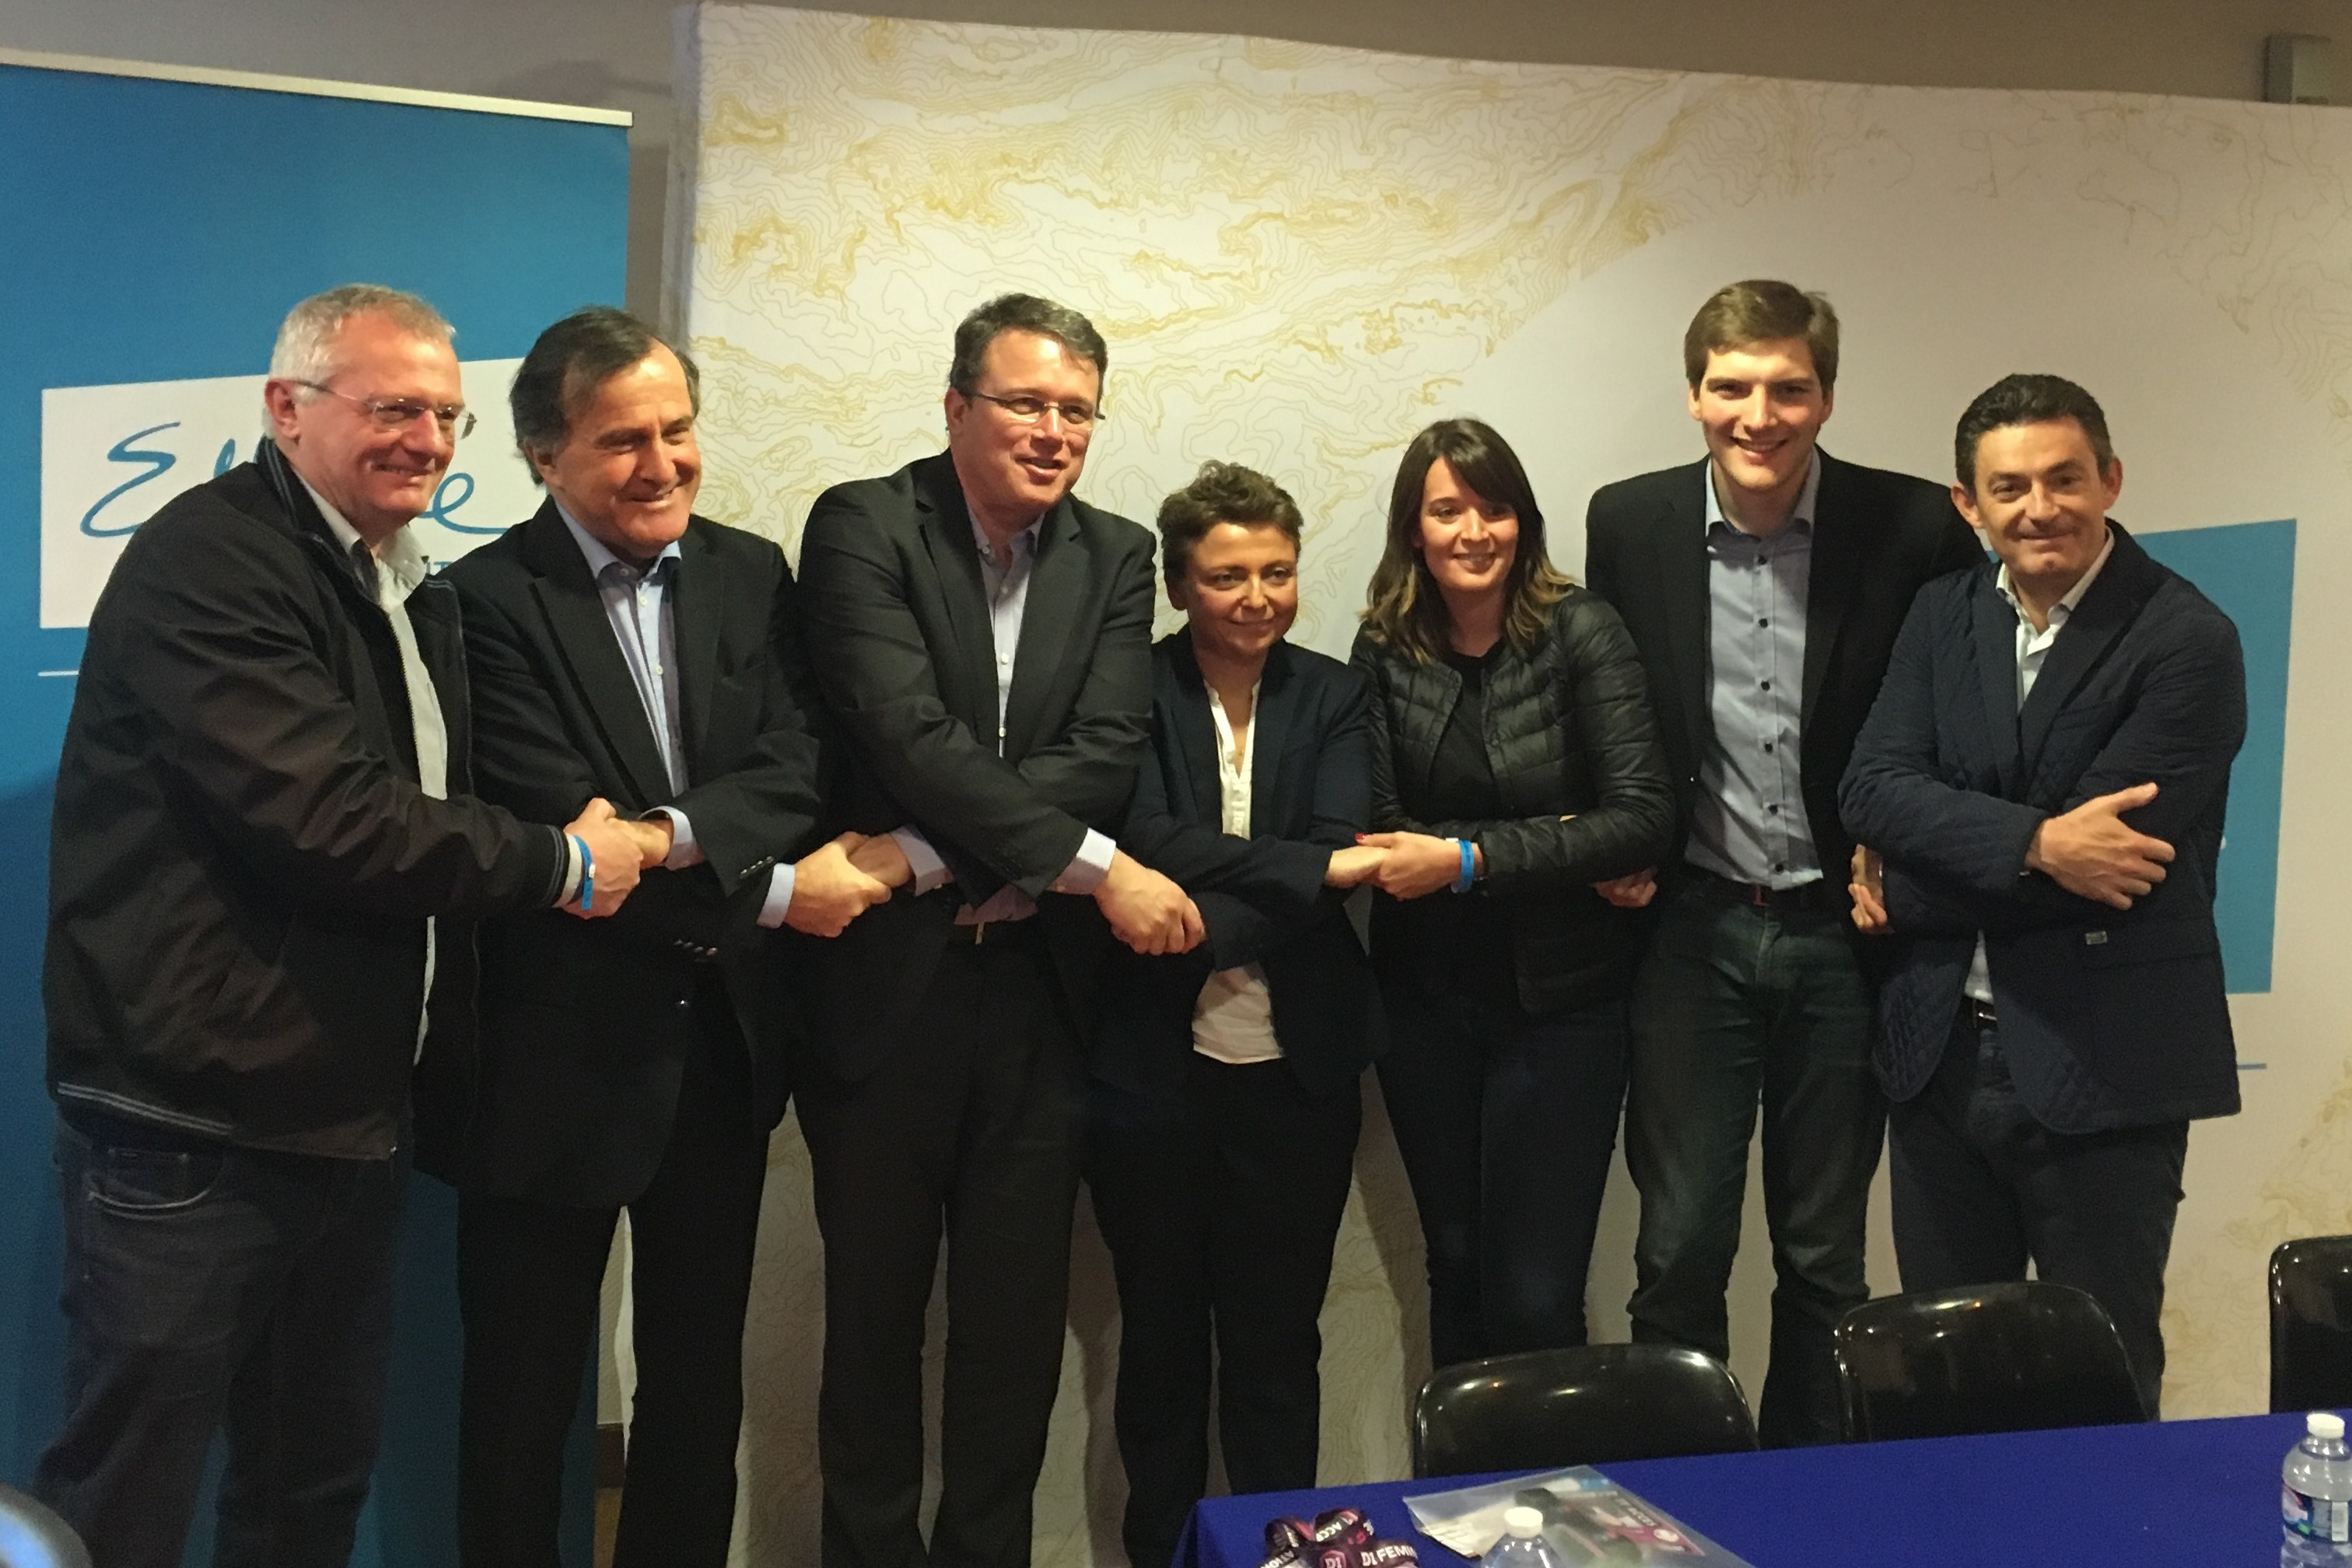 Les représentants présents lors de la conférence de presse à Bondoufle (photo lesfeminines.fr)